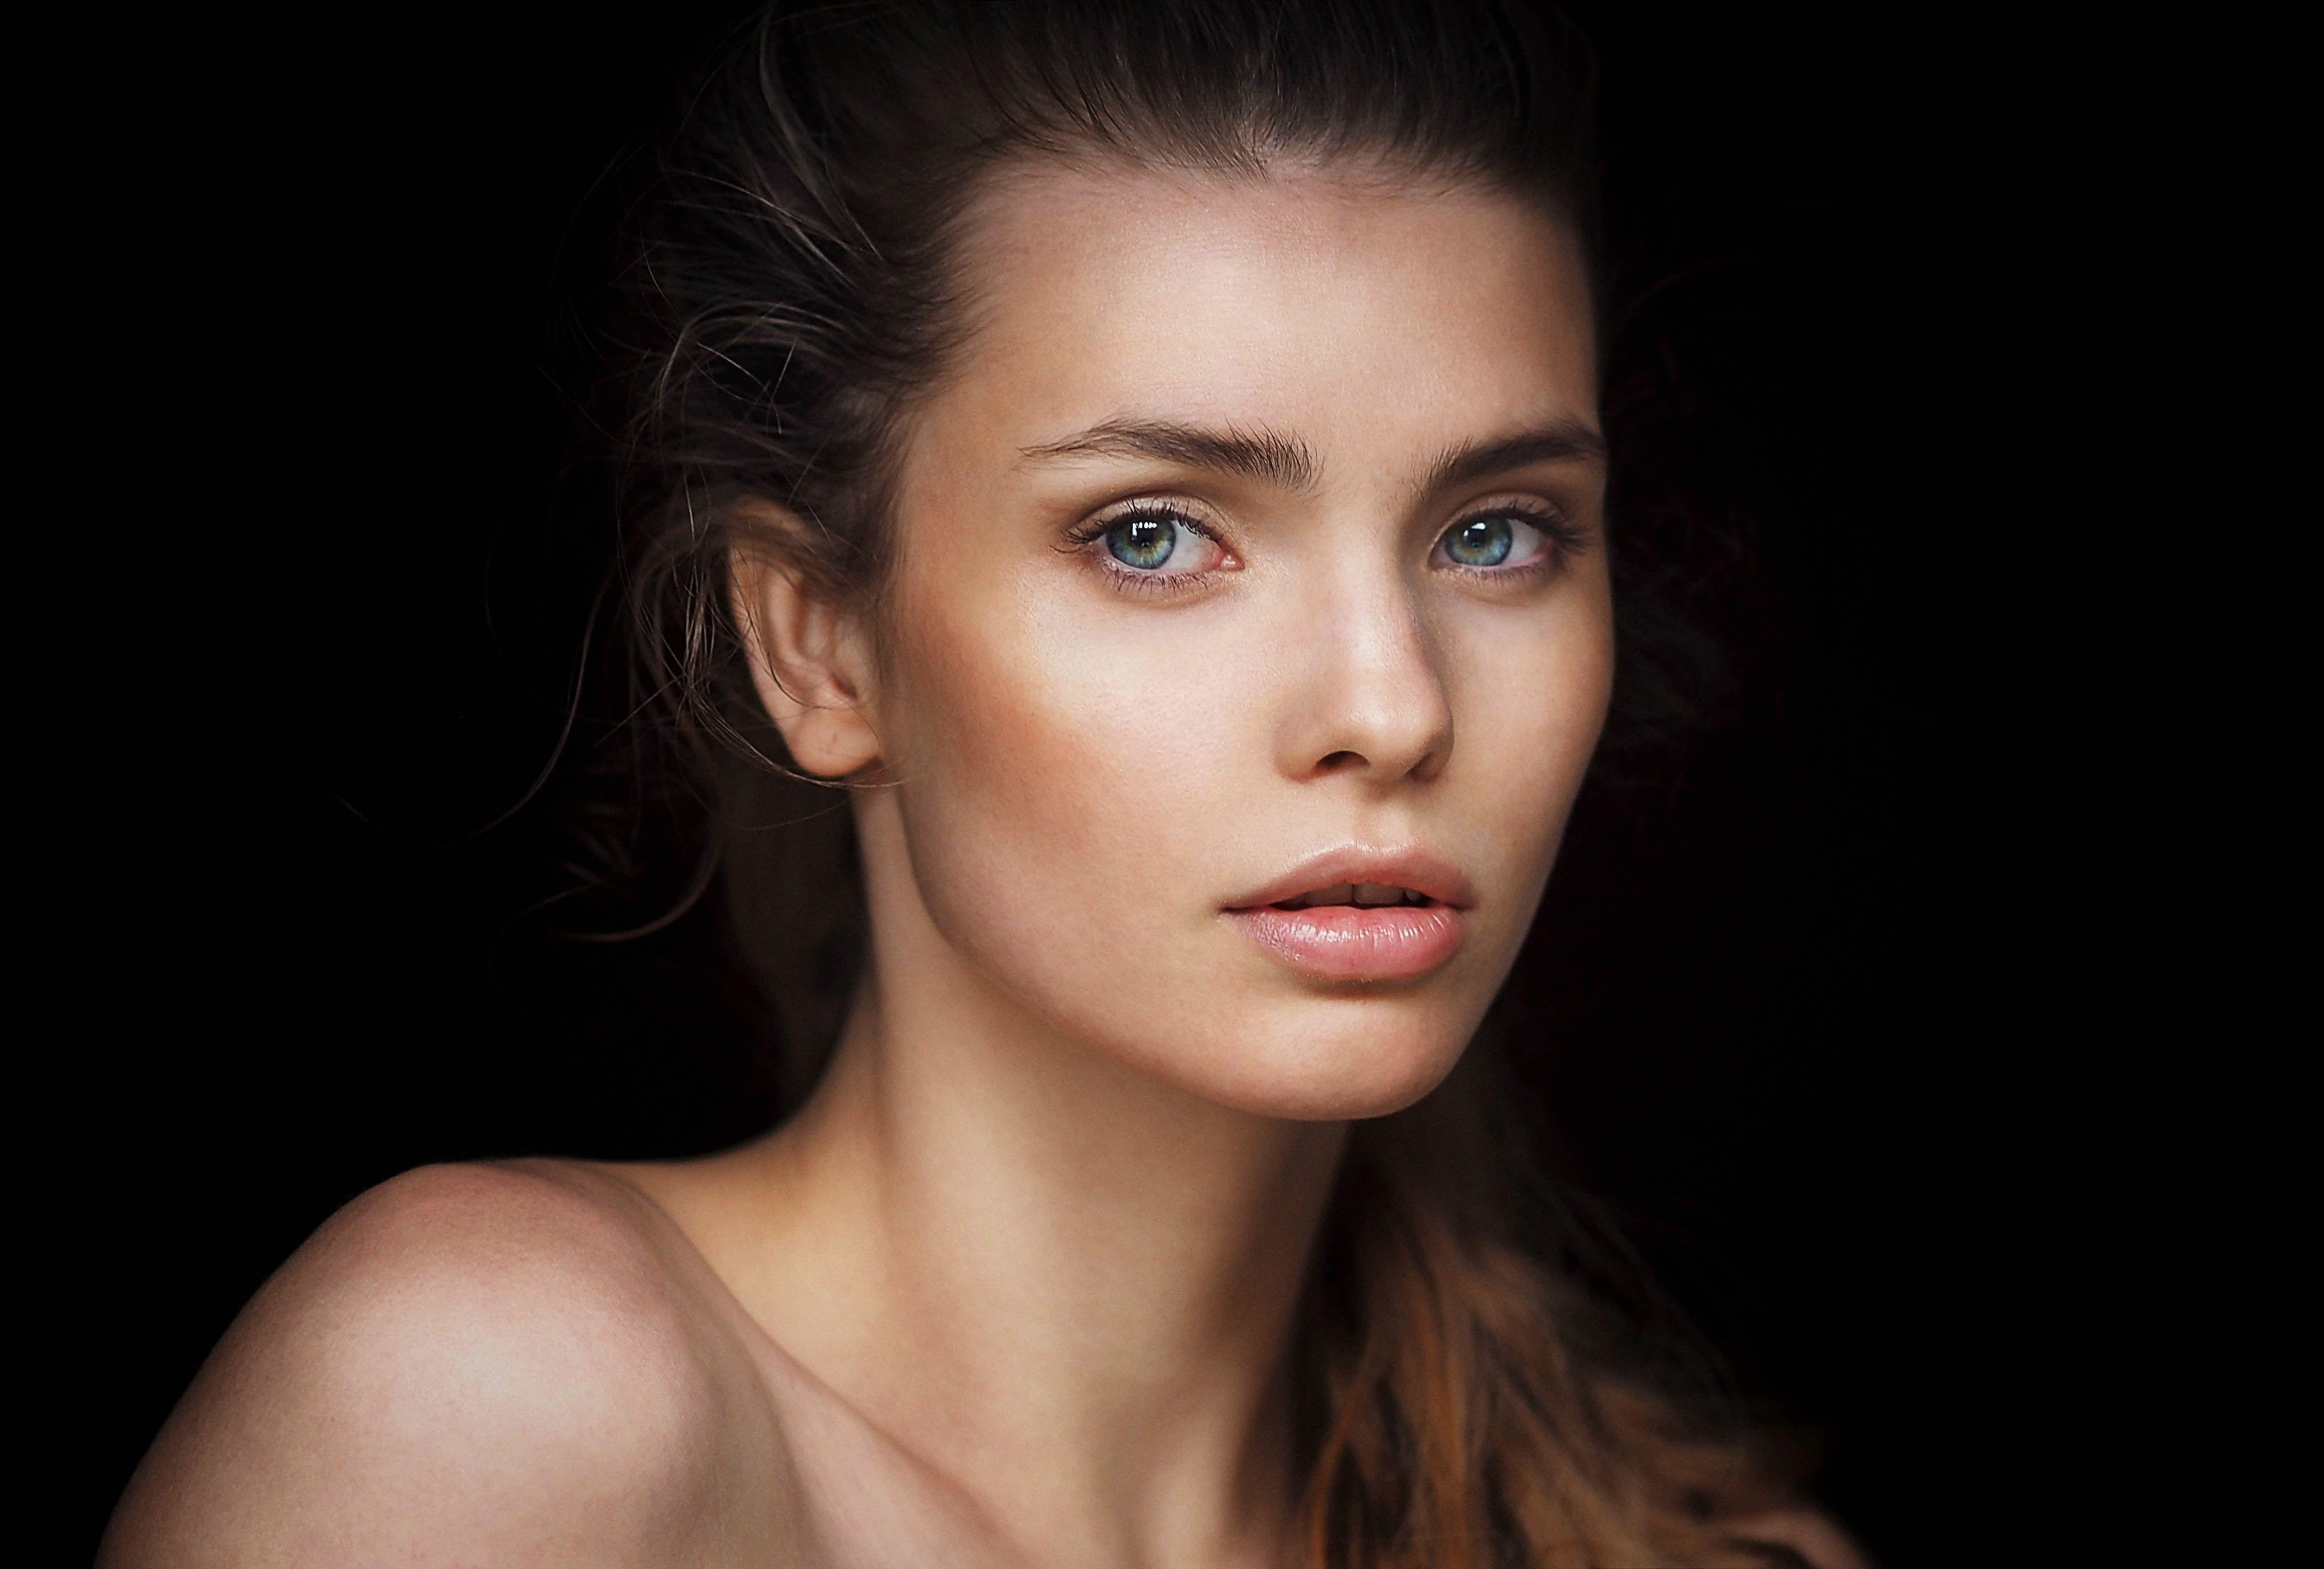 Где сделать портрет с фотографии в омске самая